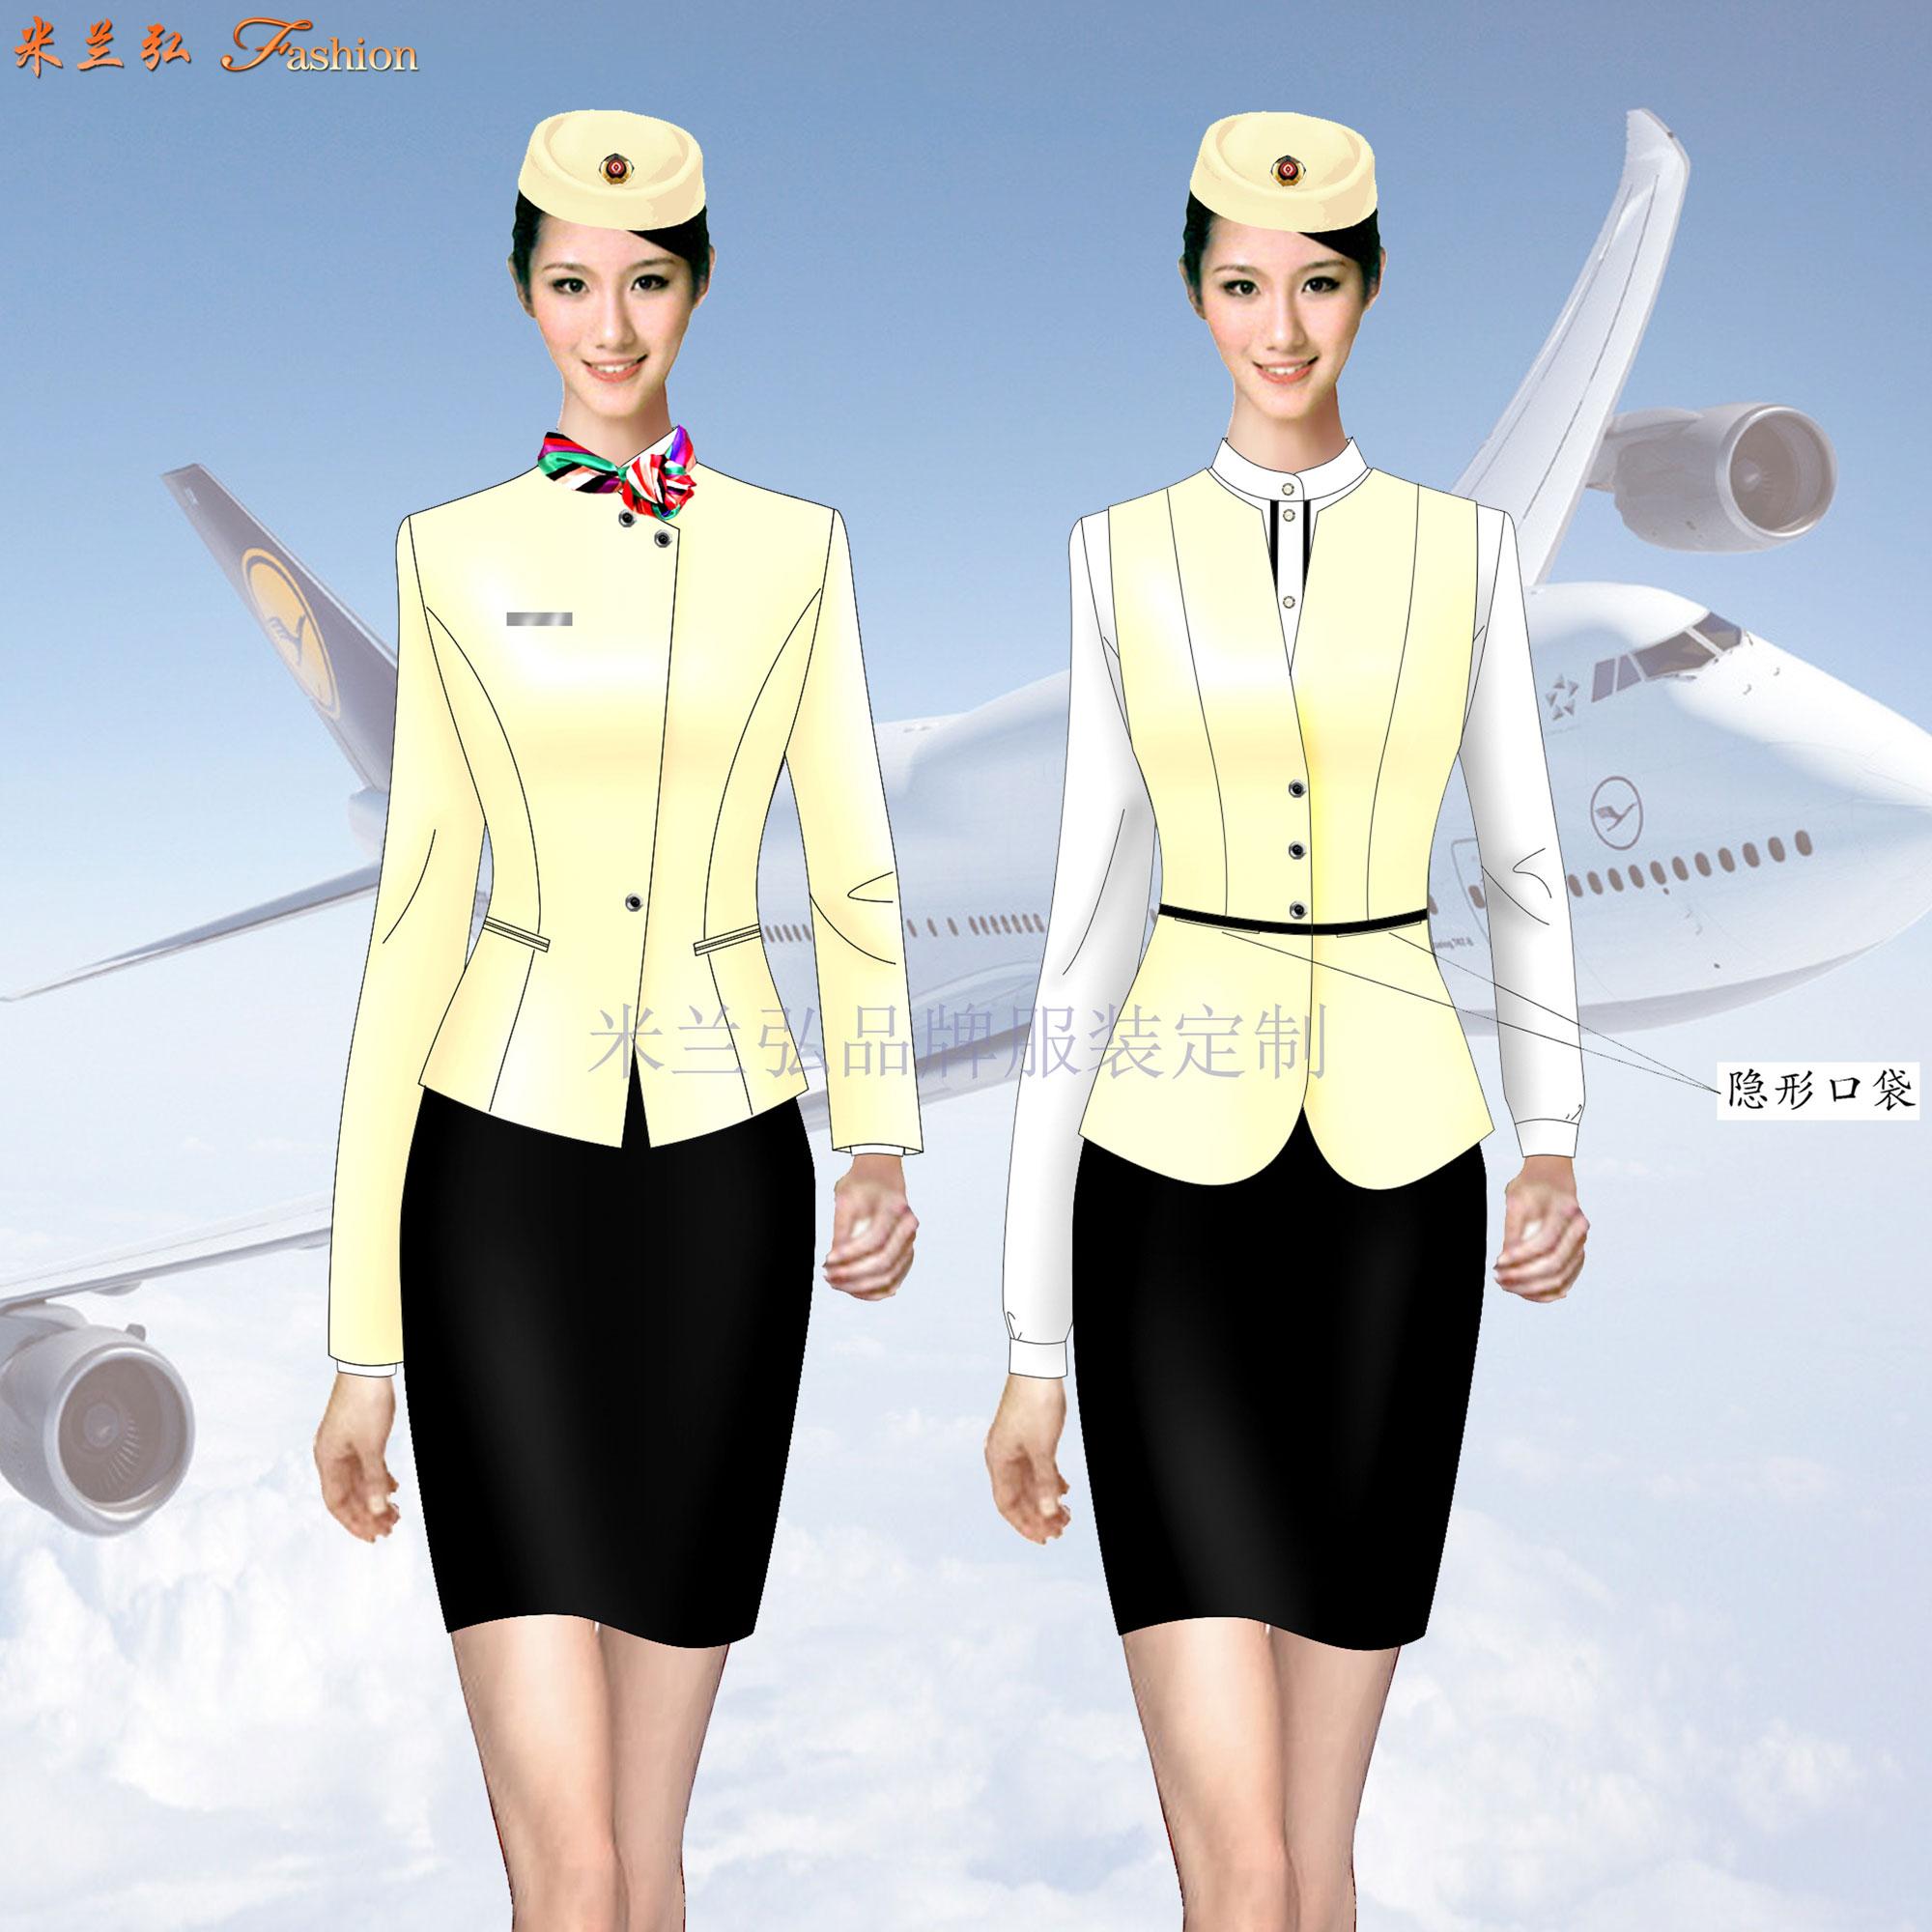 京津冀航空公司空姐服定制-推薦新穎潮流品牌-米蘭弘空姐服